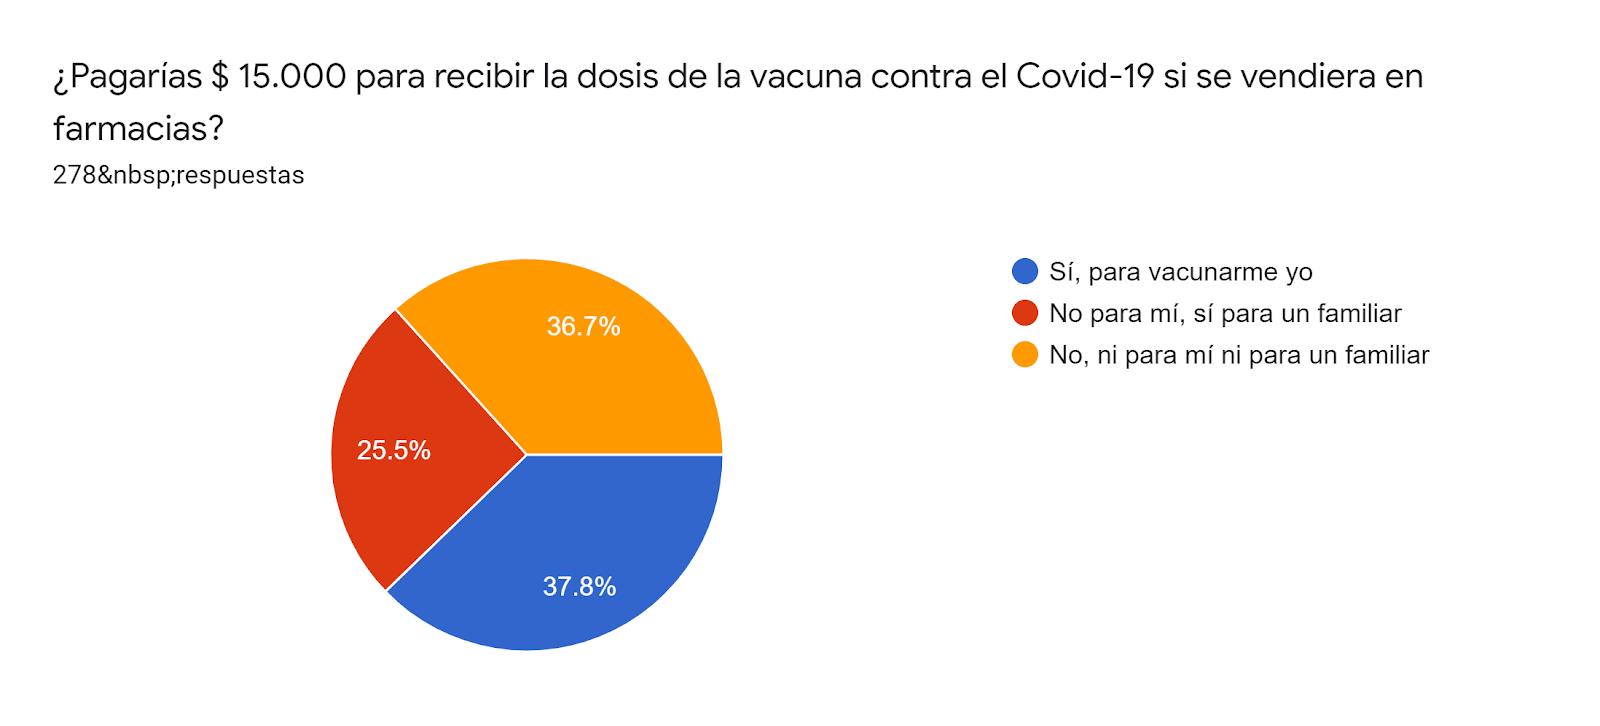 Gráfico de las respuestas de Formularios. Título de la pregunta: ¿Pagarías $ 15.000 para recibir la dosis de la vacuna contra el Covid-19 si se vendiera en farmacias?. Número de respuestas: 278respuestas.